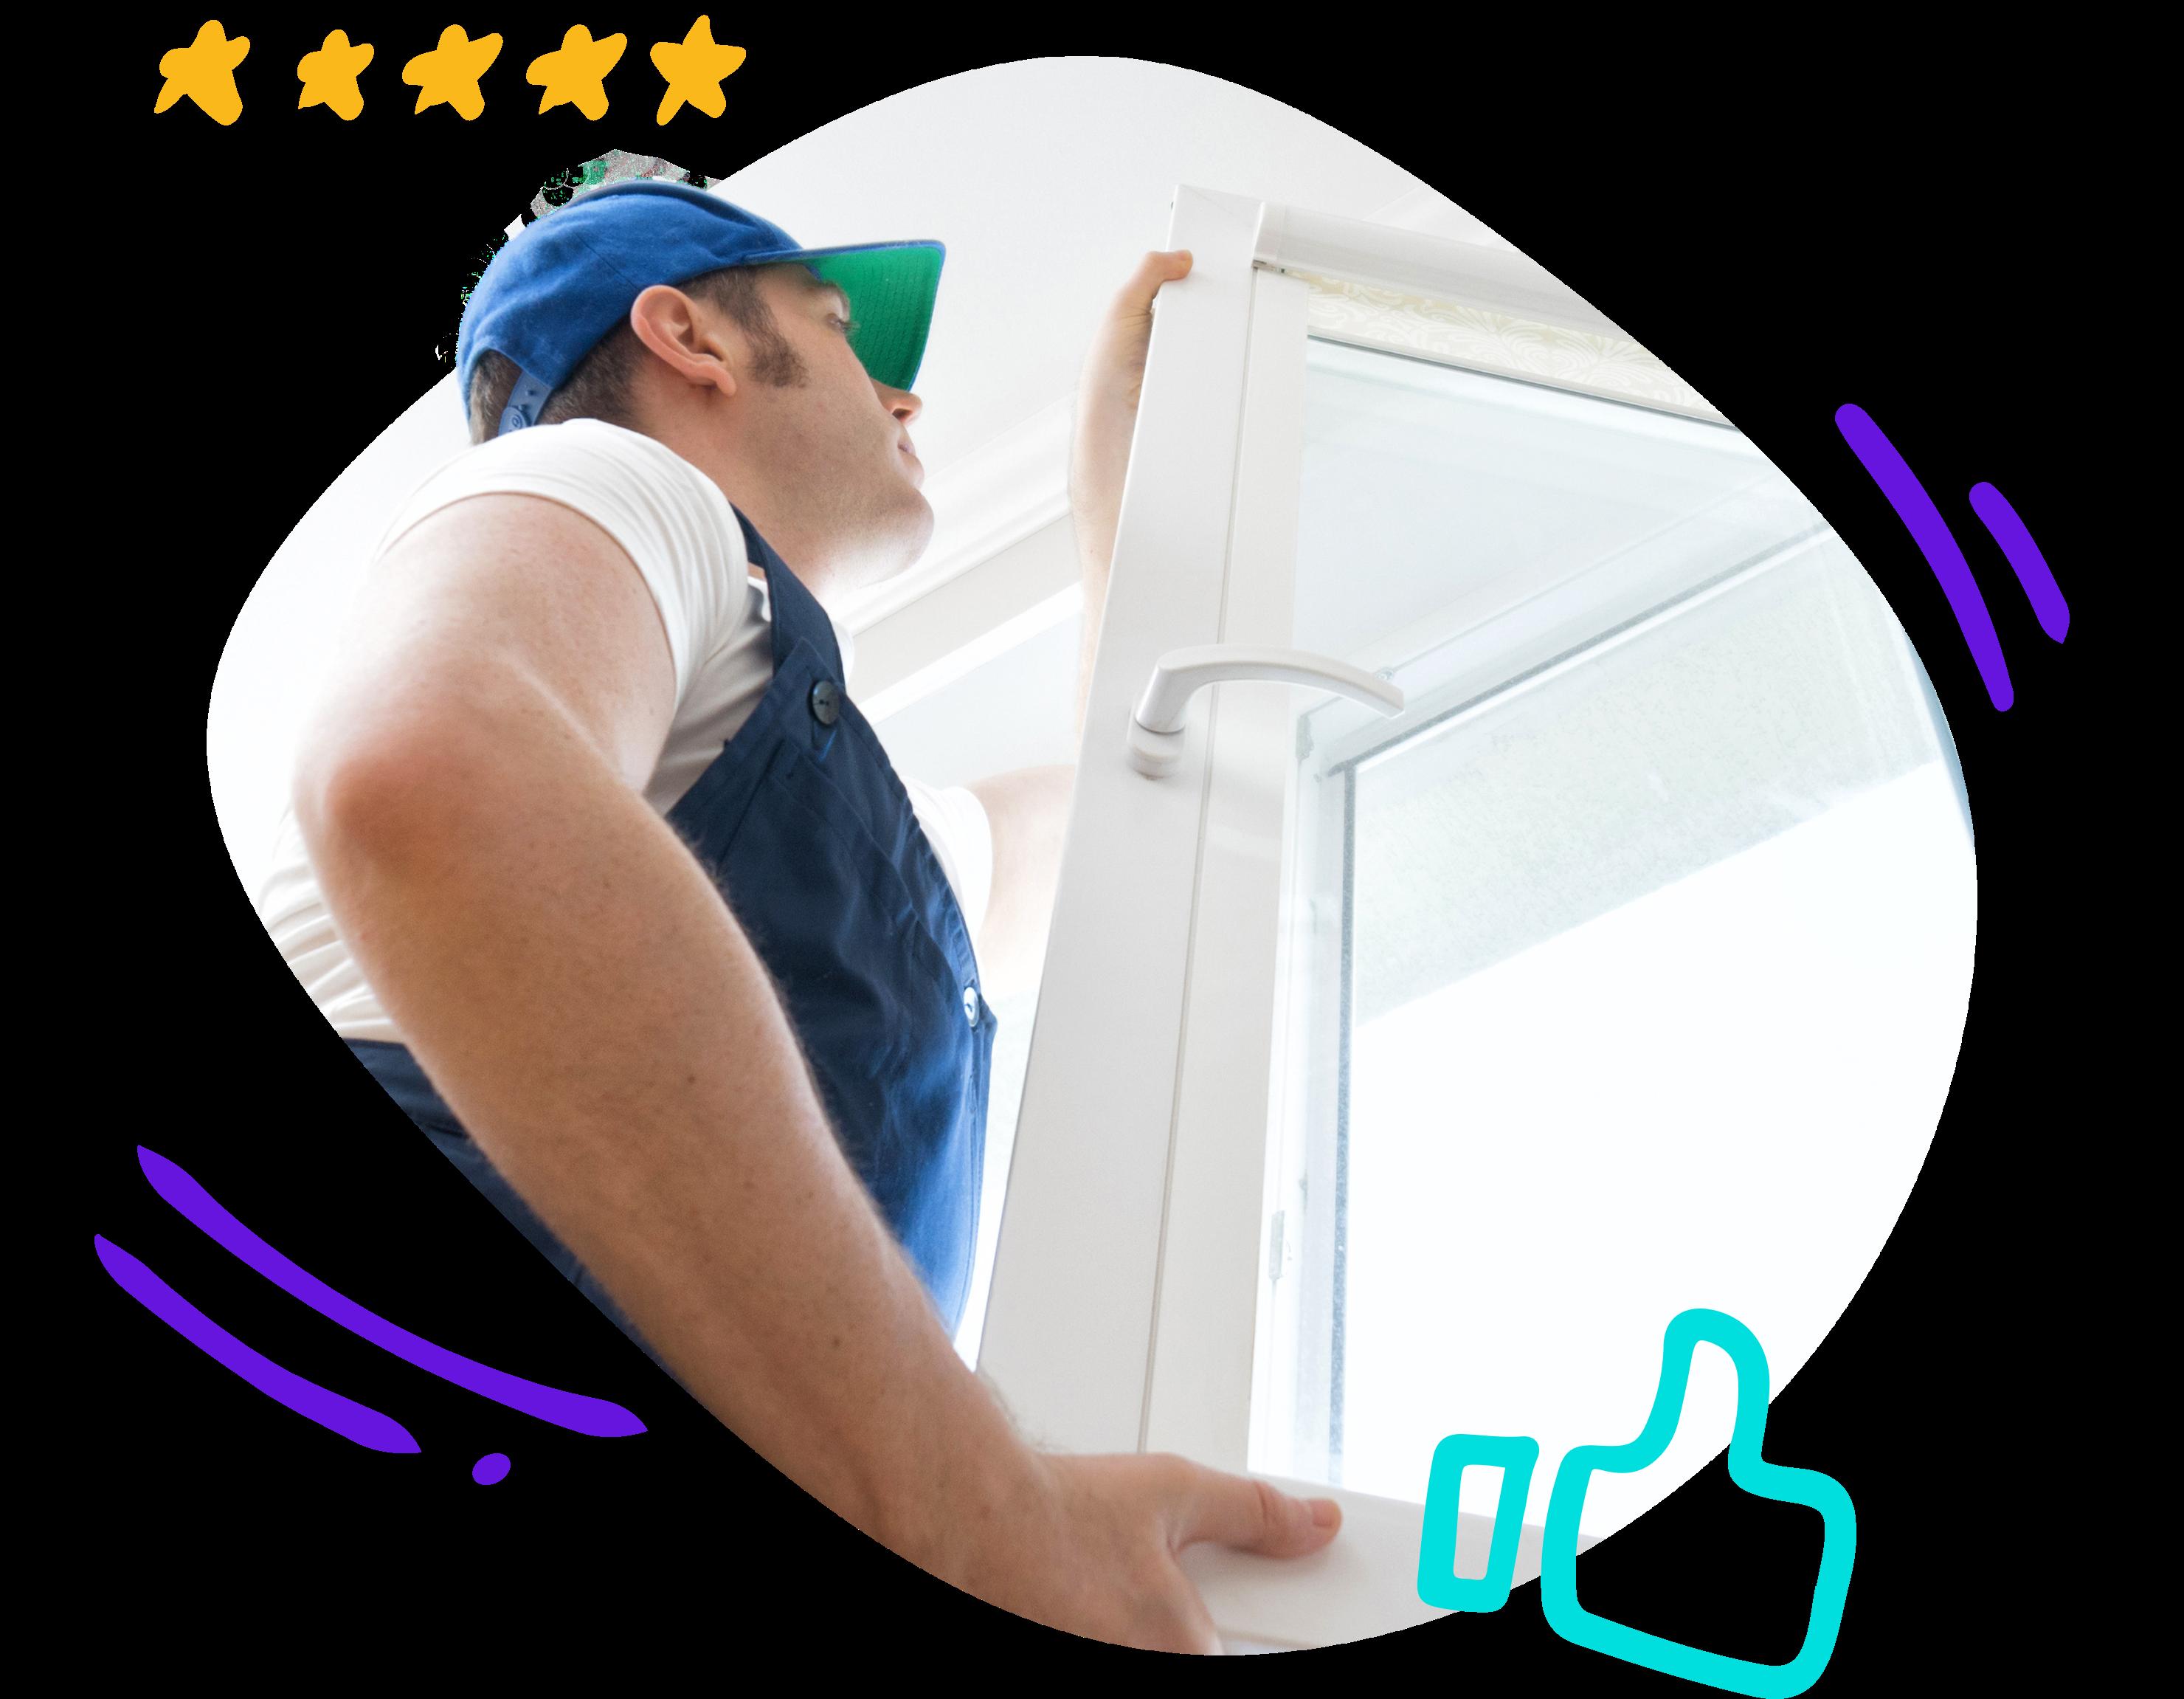 window-door-siding-business-messaging